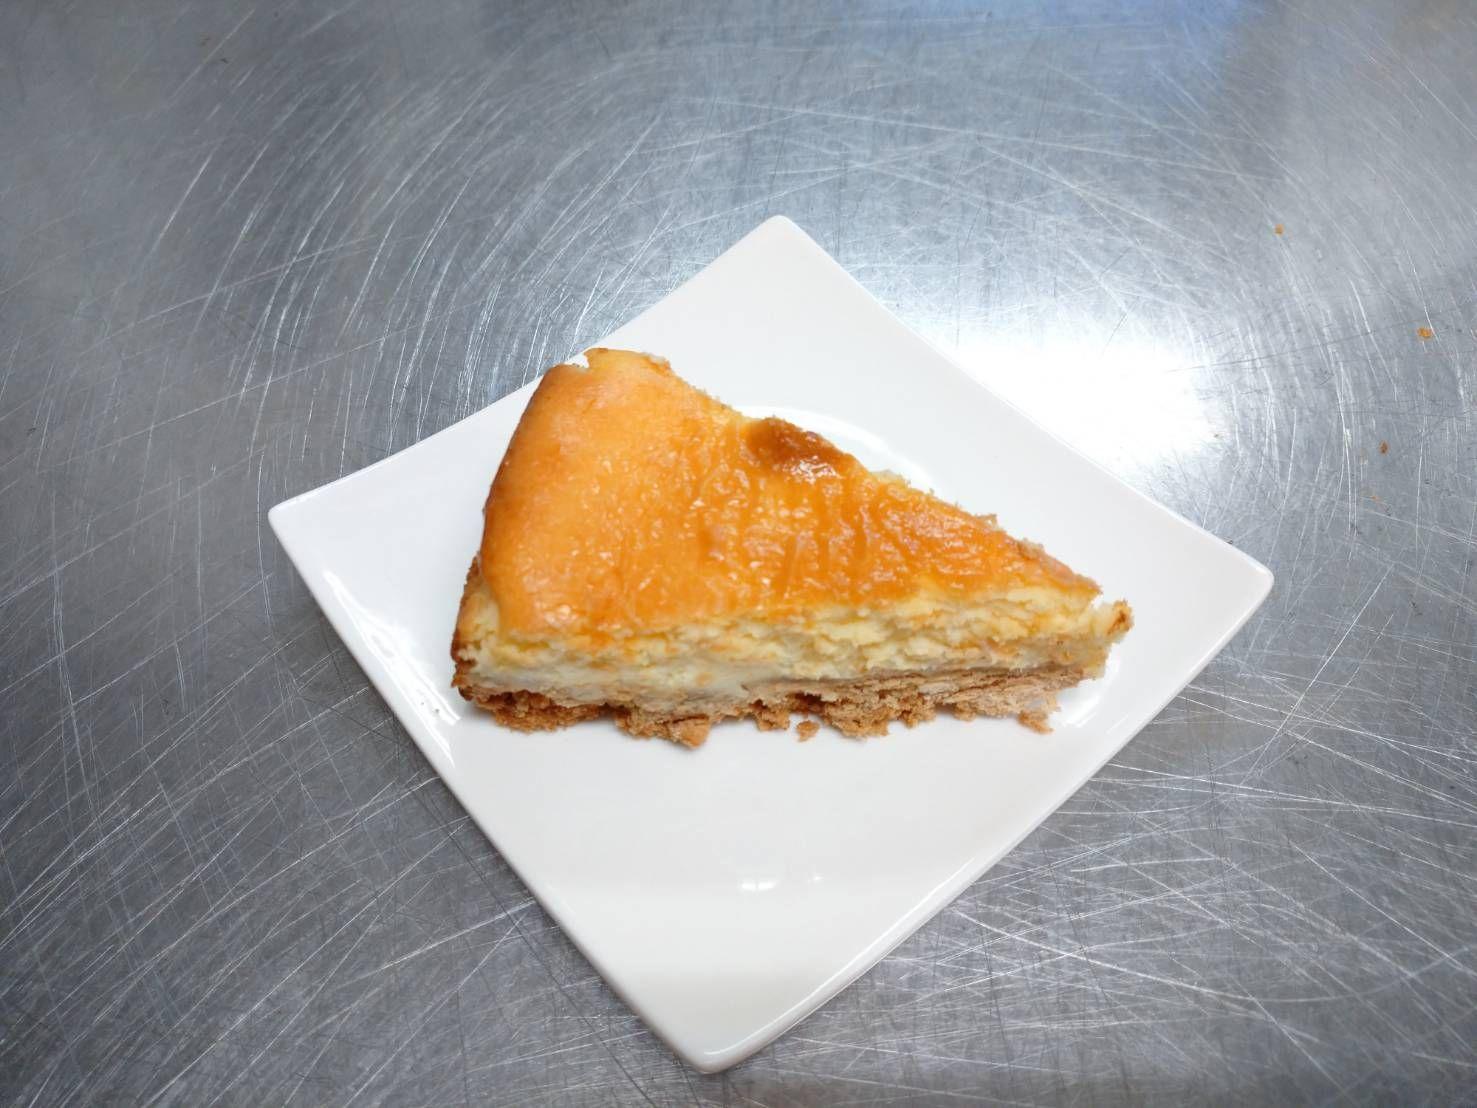 おやつは、ベイクドチーズケーキでした!226カロリーです